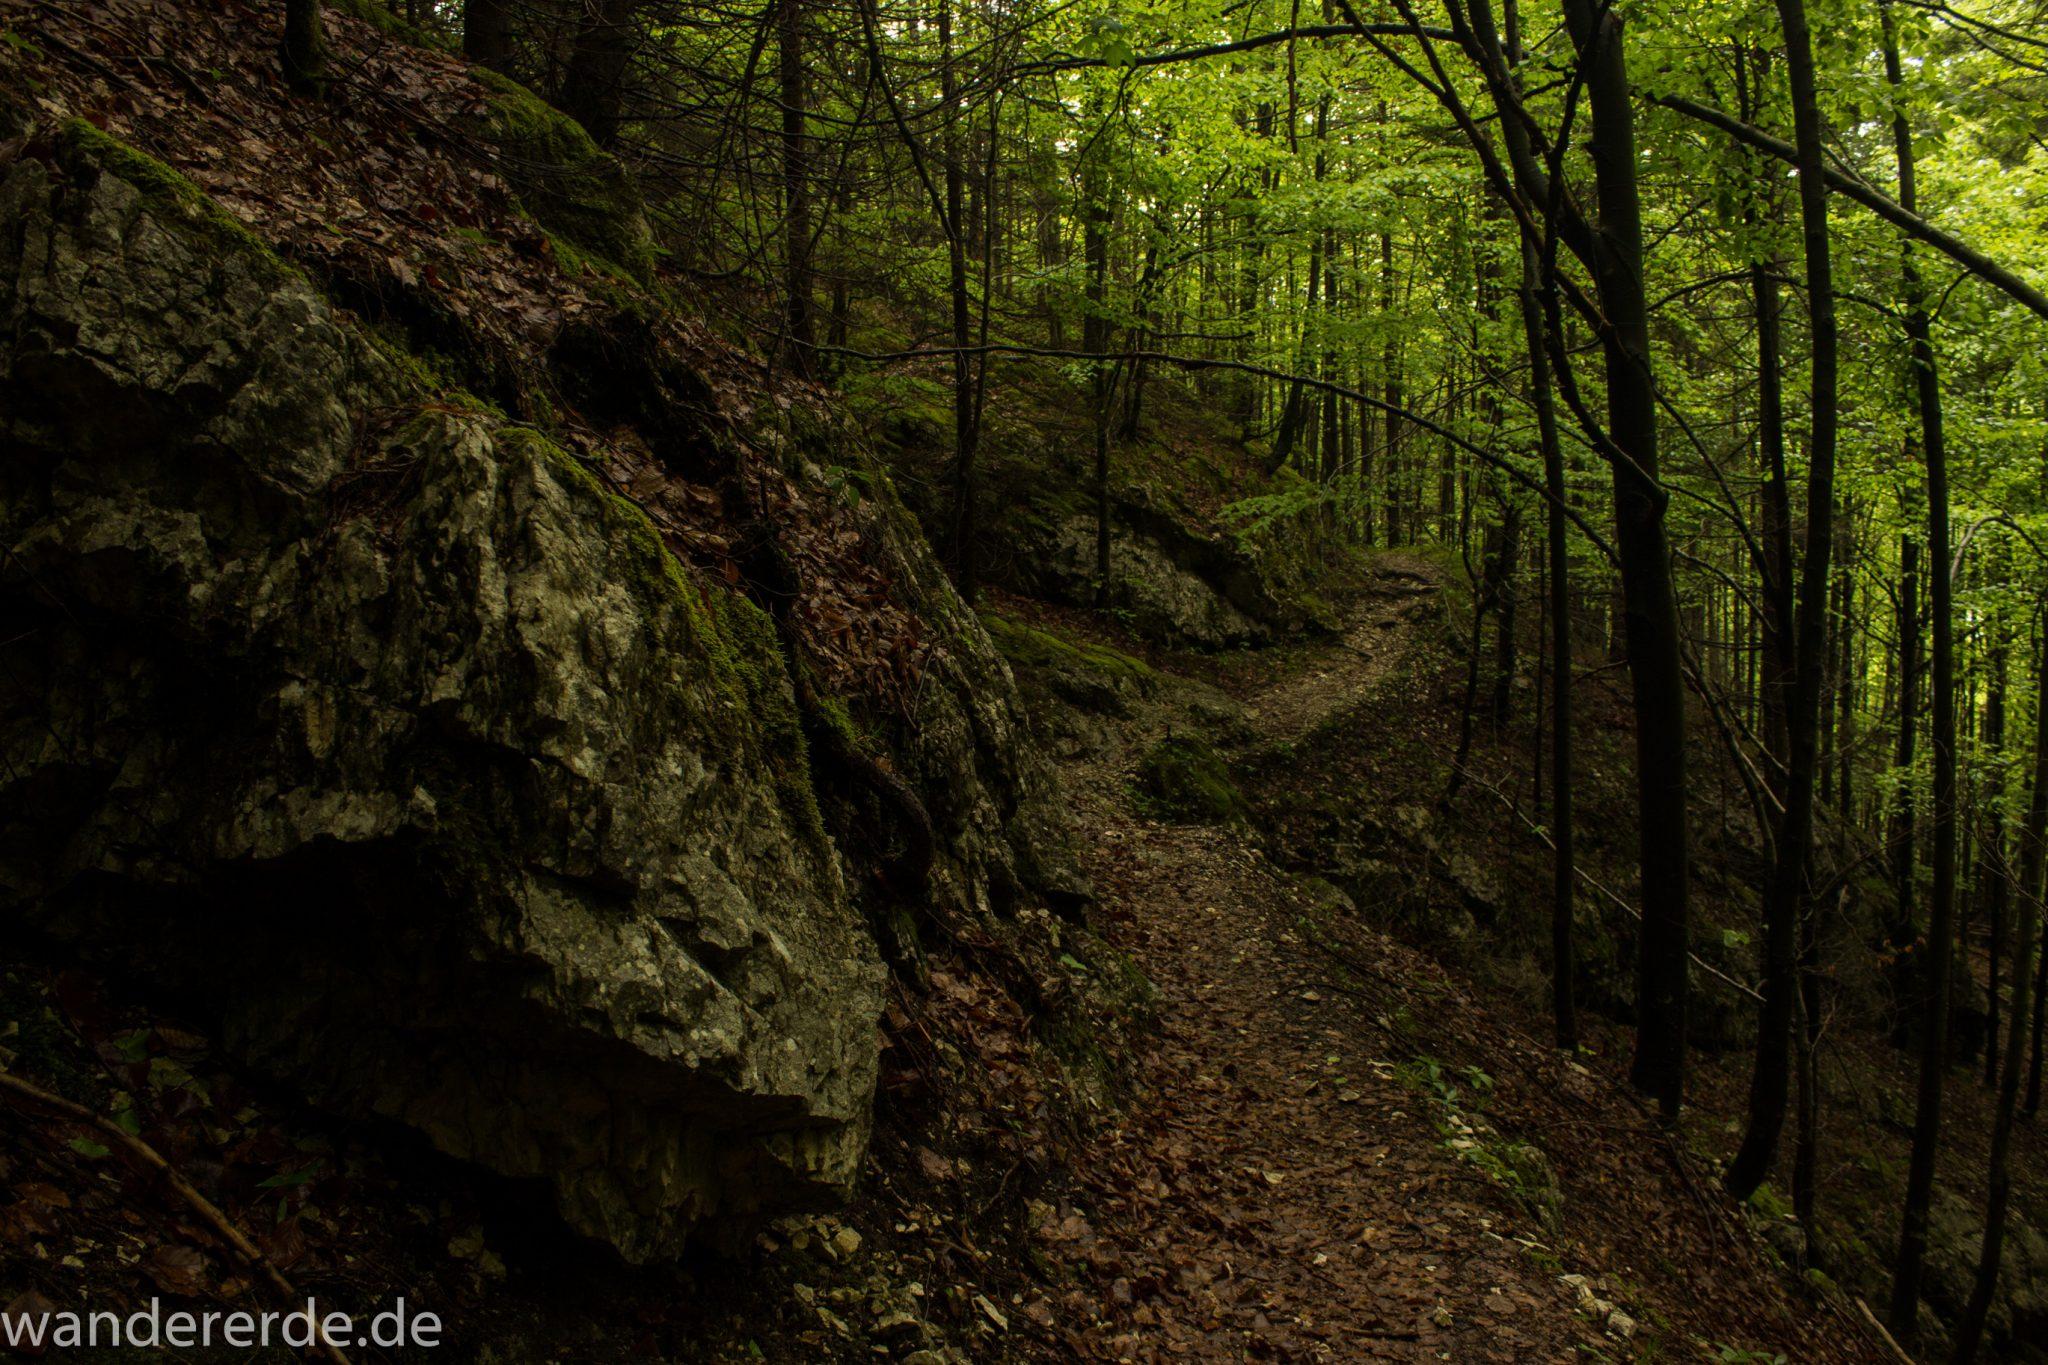 Wanderung beim Alpsee bei Hohenschwangau, schöner schmaler Wanderweg durch Laubwald und Nadelwald, Frühling in Bayern, große Felsen am Wegrand